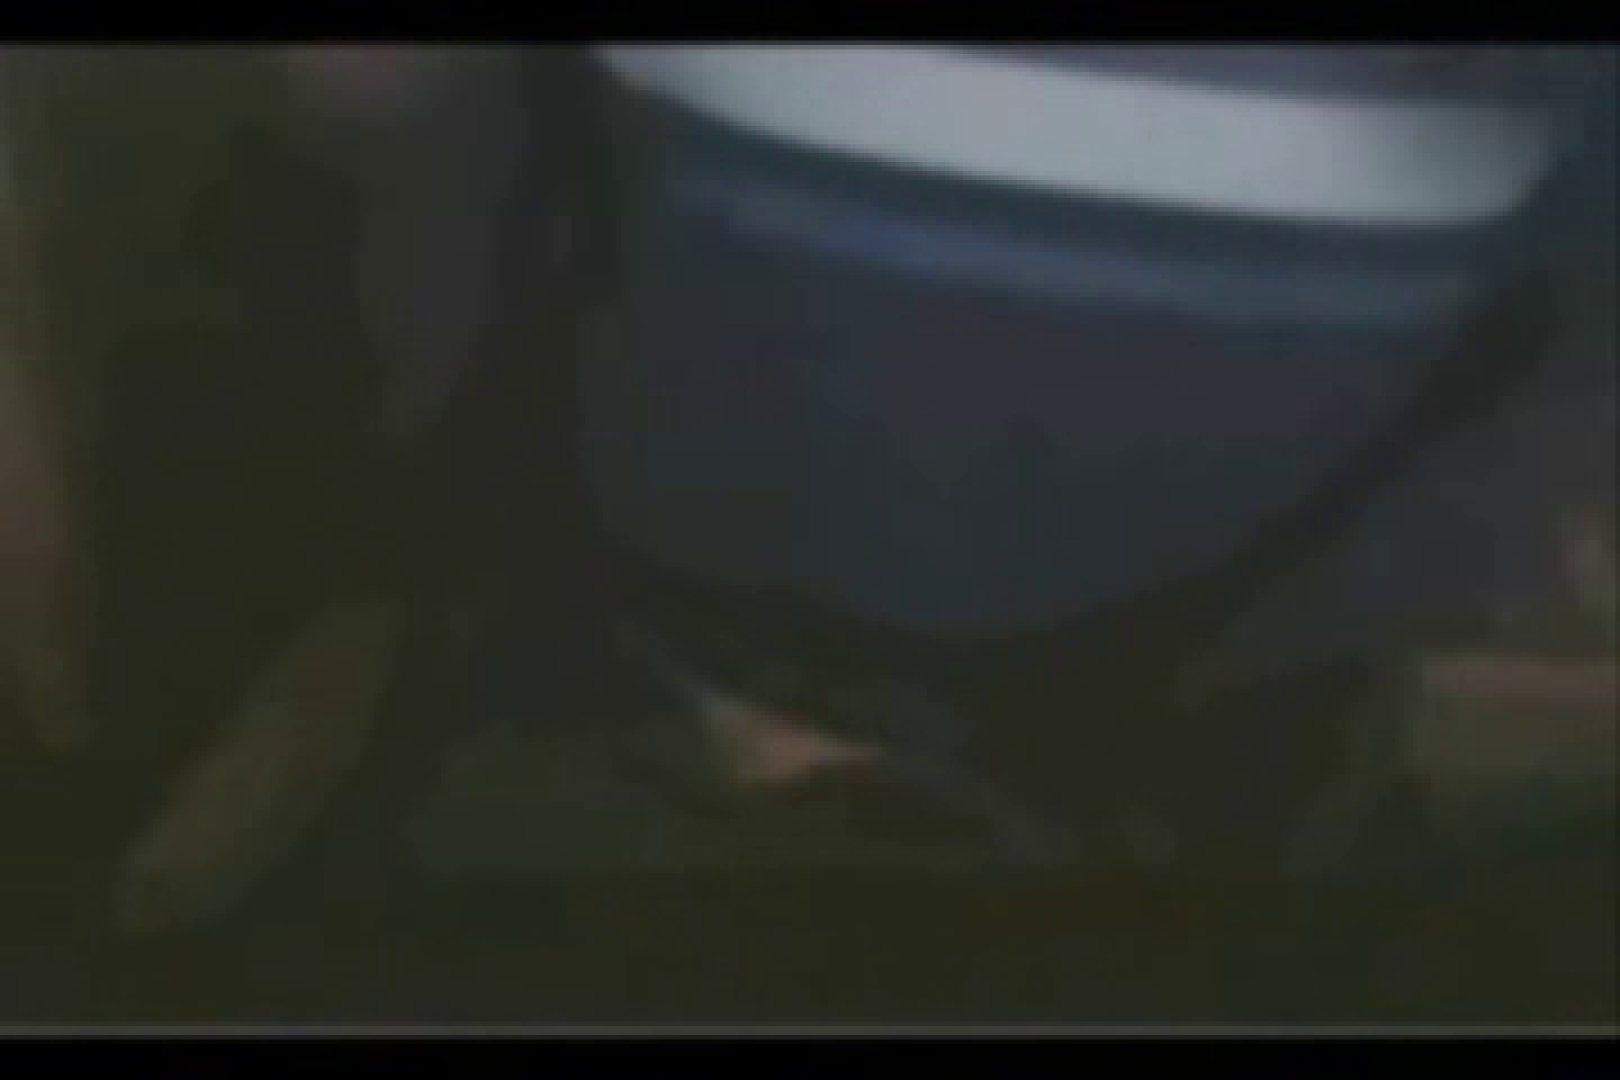 ファイル流出! ! パソコン画面を目の前に自画撮りオナニー チンコ 射精無修正動画 107枚 54